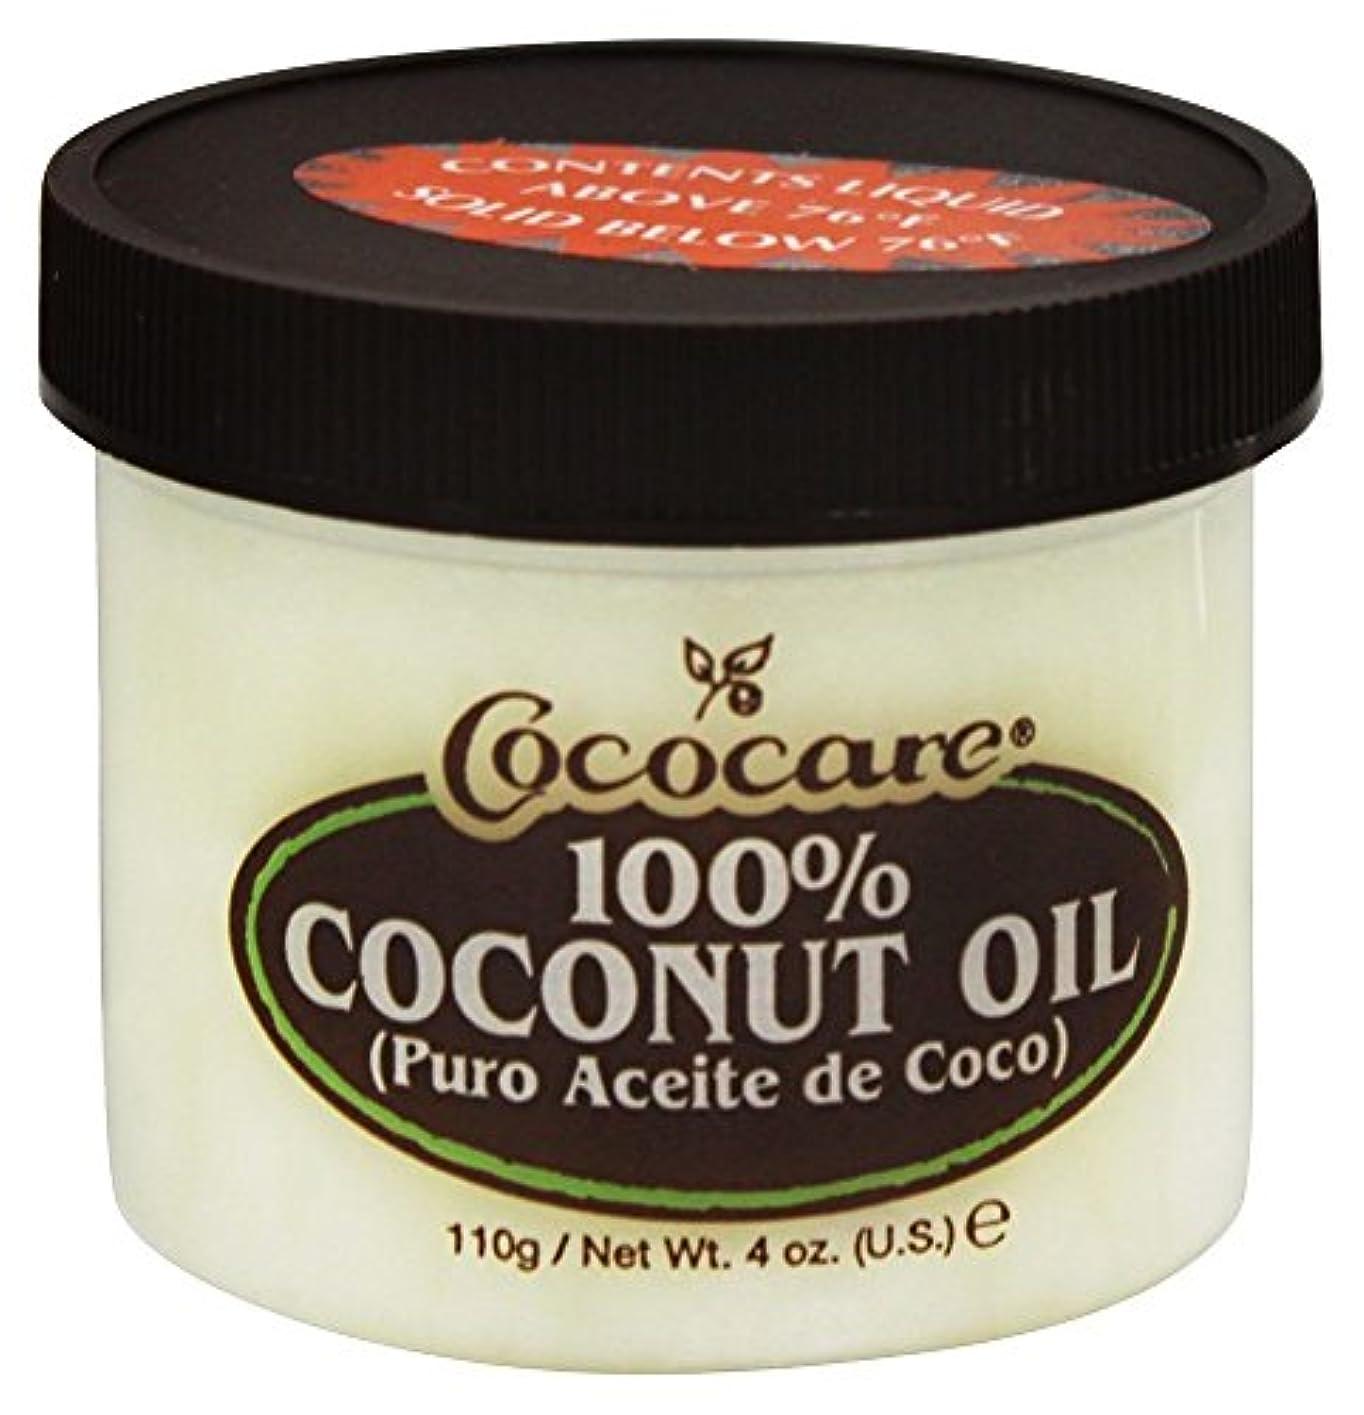 抑制するおなじみの不運Cococare - 100% ココナッツ オイル - 4ポンド [並行輸入品]